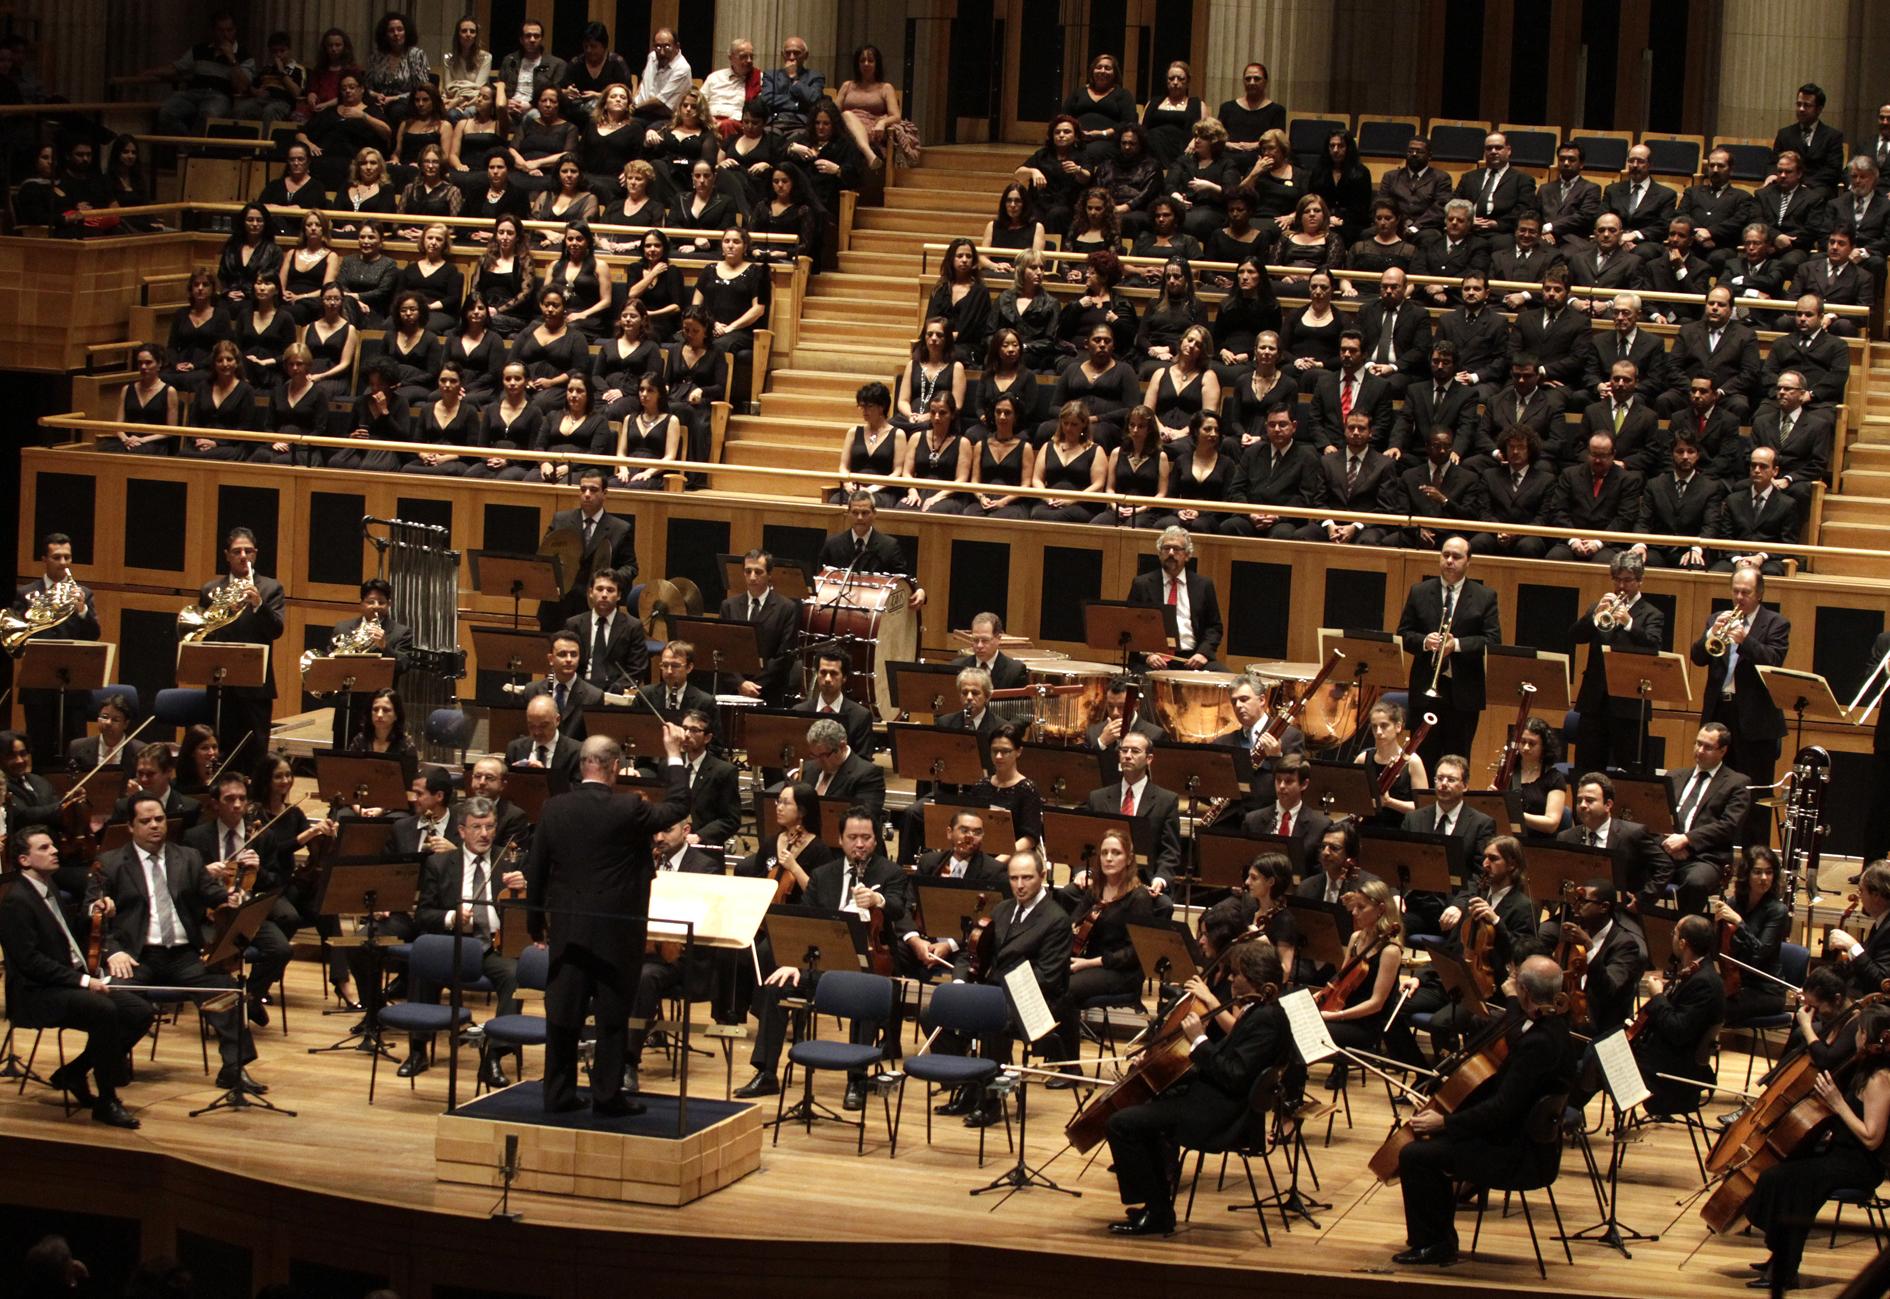 Orquestra Sinfônica de São Paulo retoma apresentações presenciais